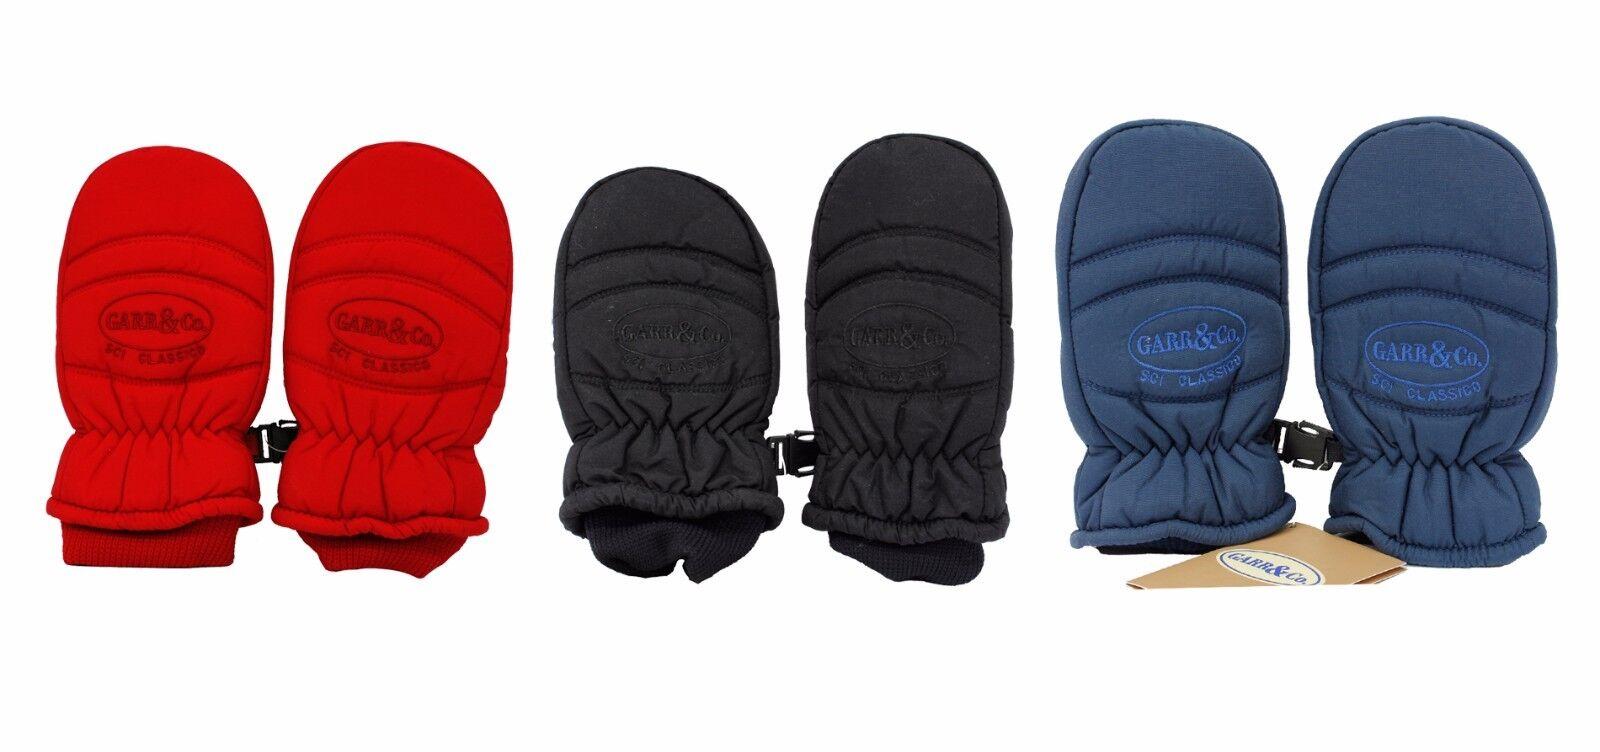 Guanti da bambino Moffola sci neve snowboard Garr&Co.rosso blu nero